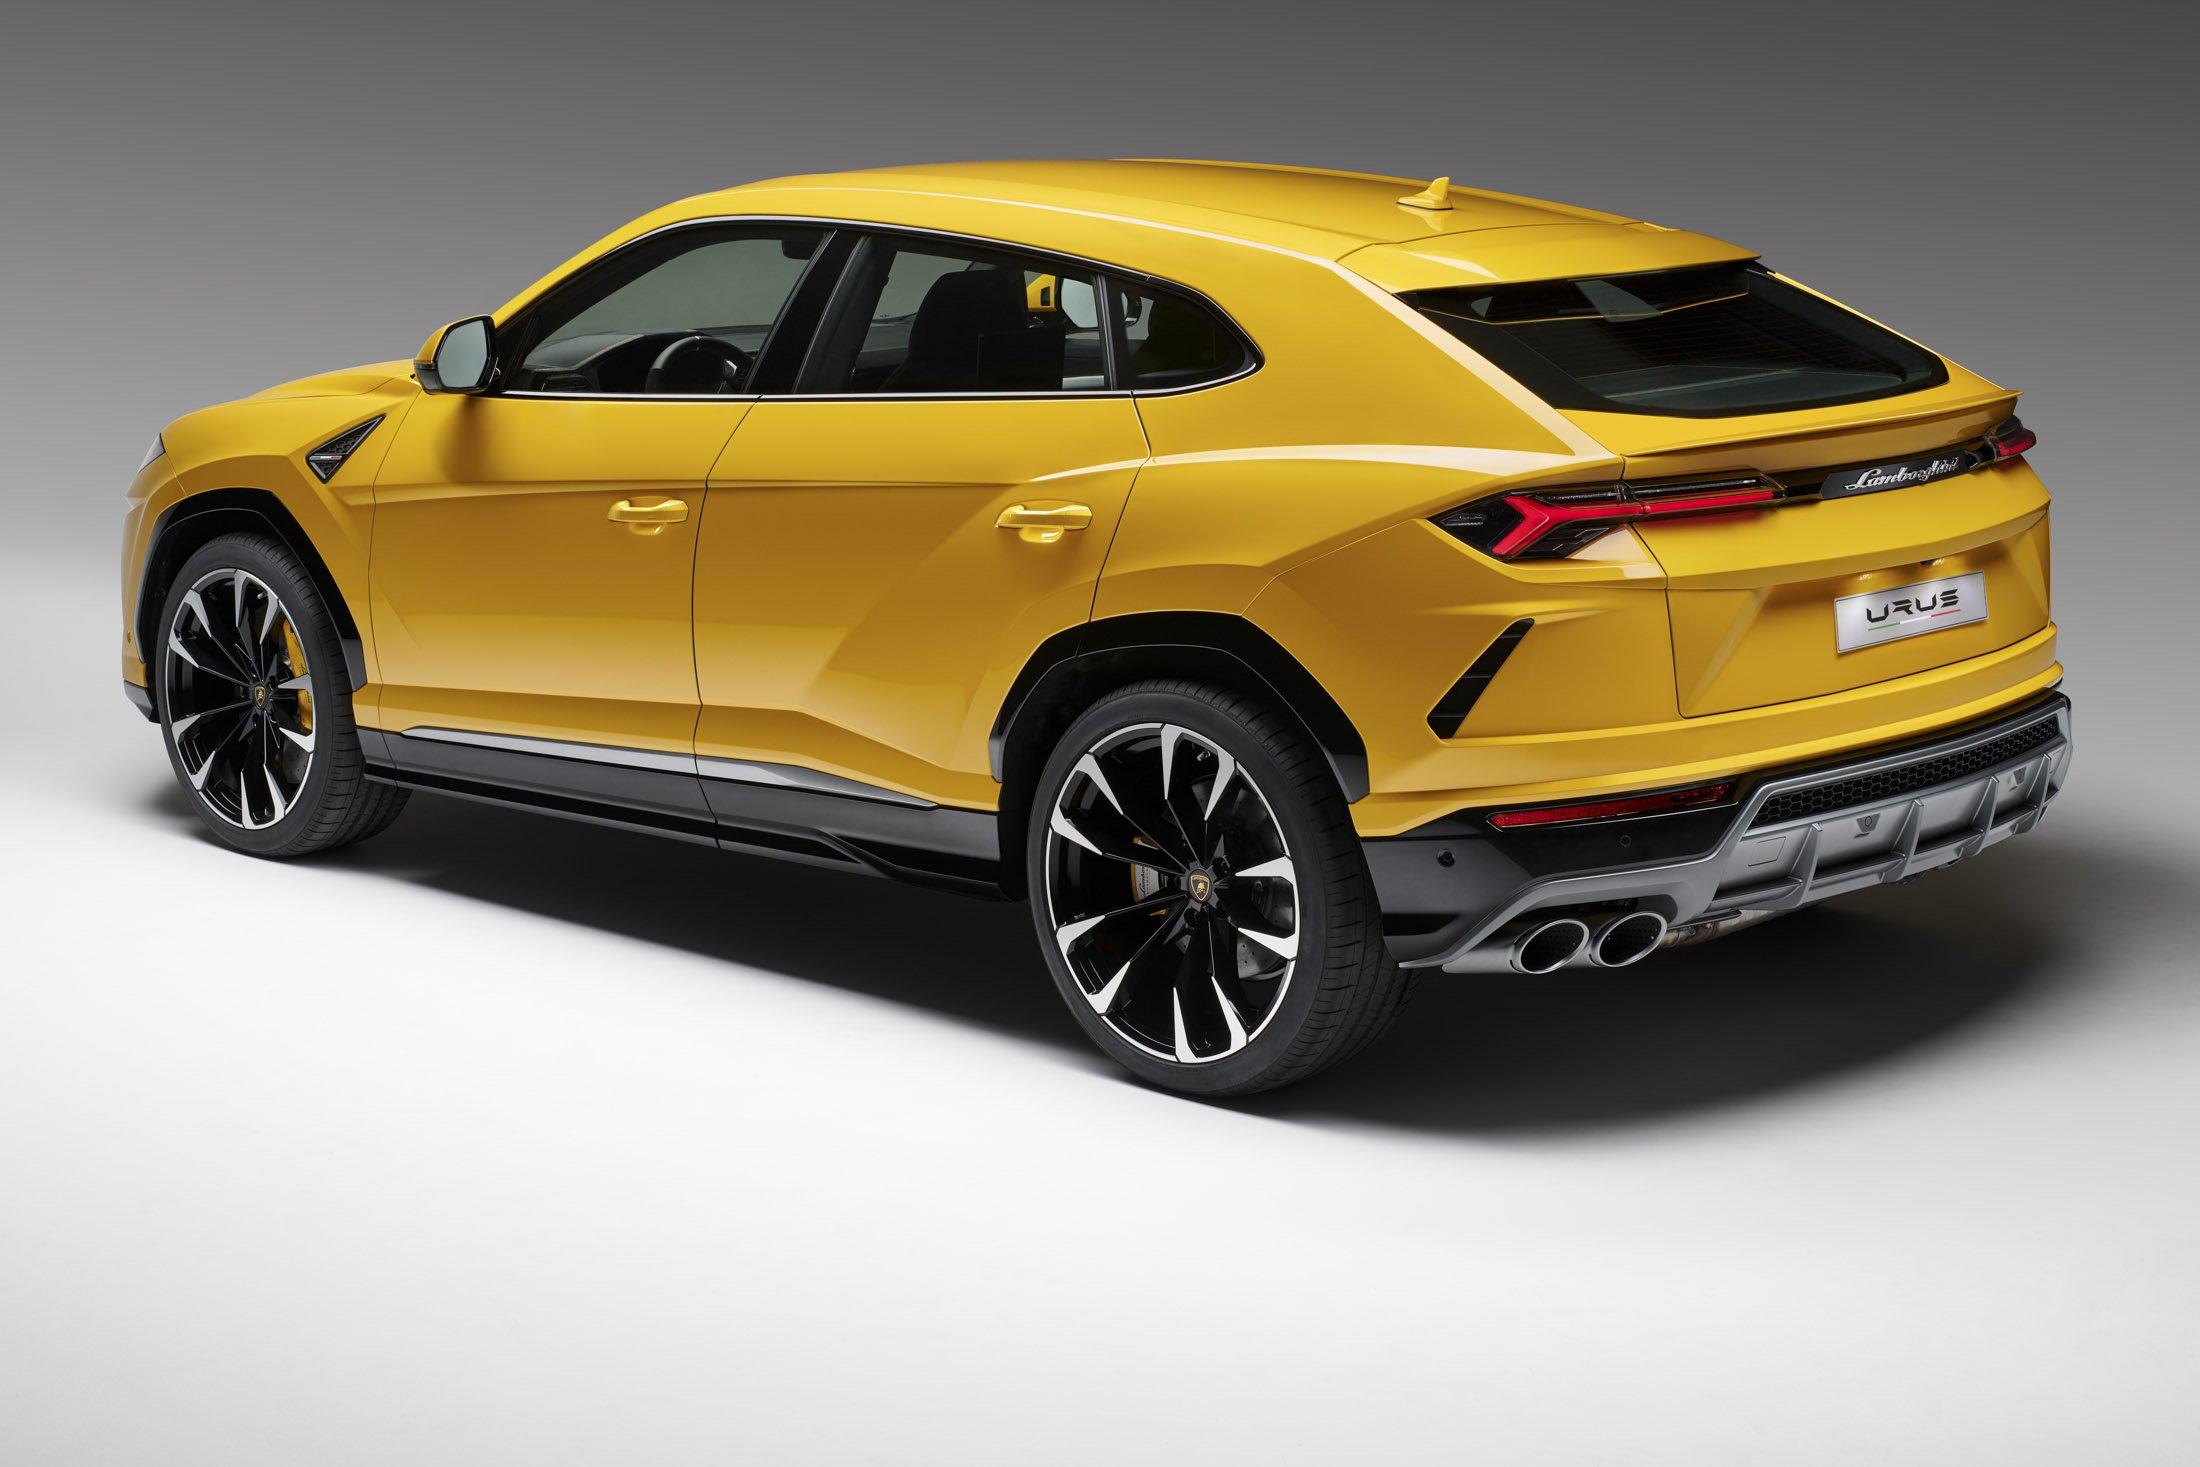 Lamborghini predstavuje svojho nového býka Urus 5